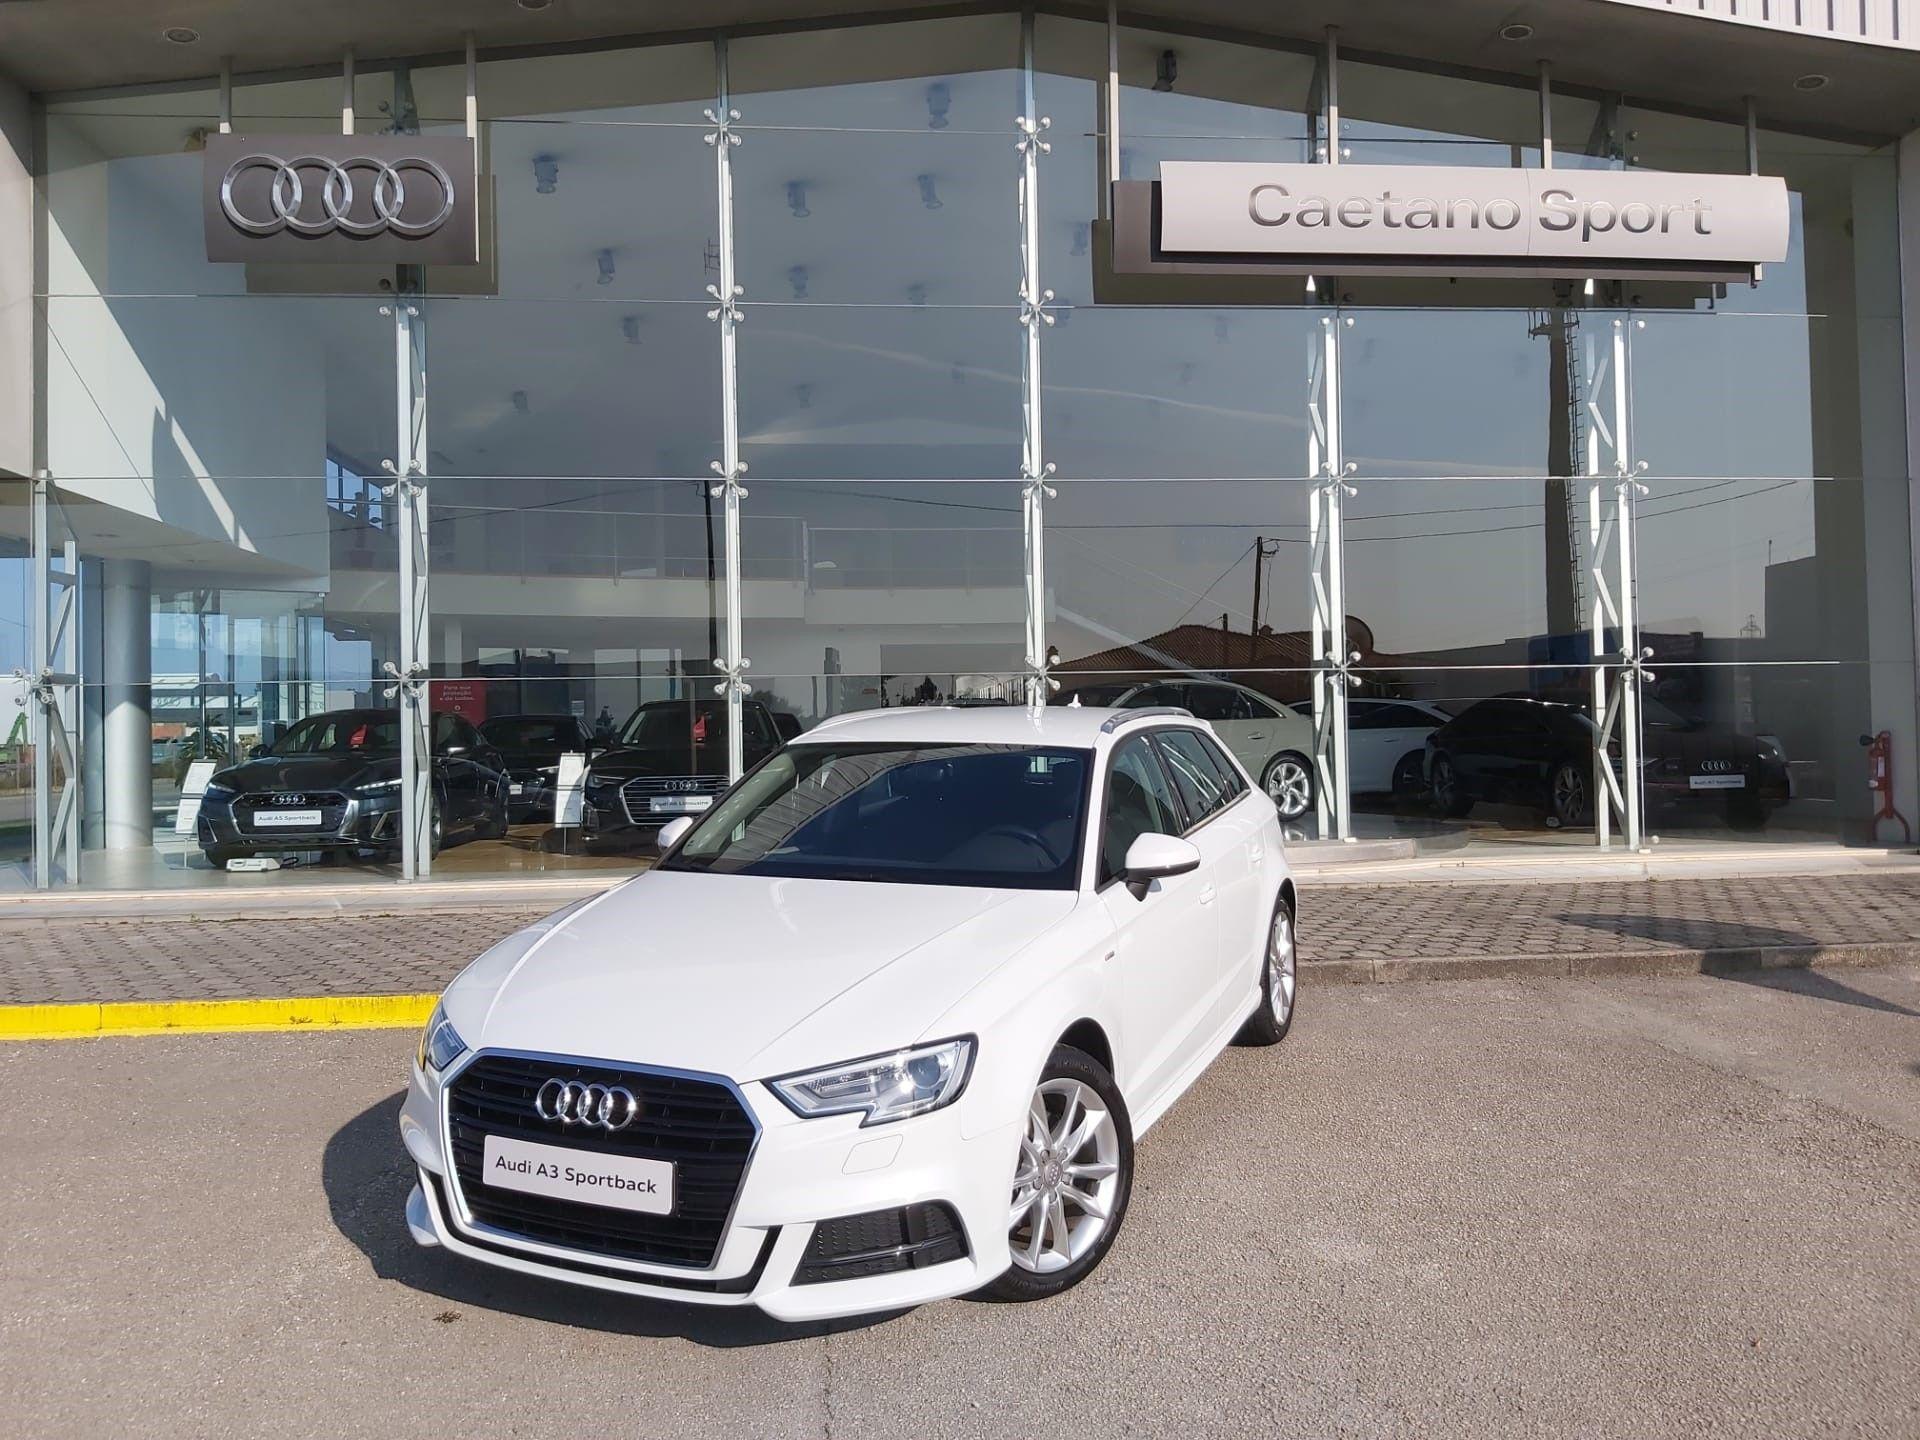 Audi A3 Sportback 1.6 TDI 116cv EXTERIOR S/LINE segunda mão Aveiro